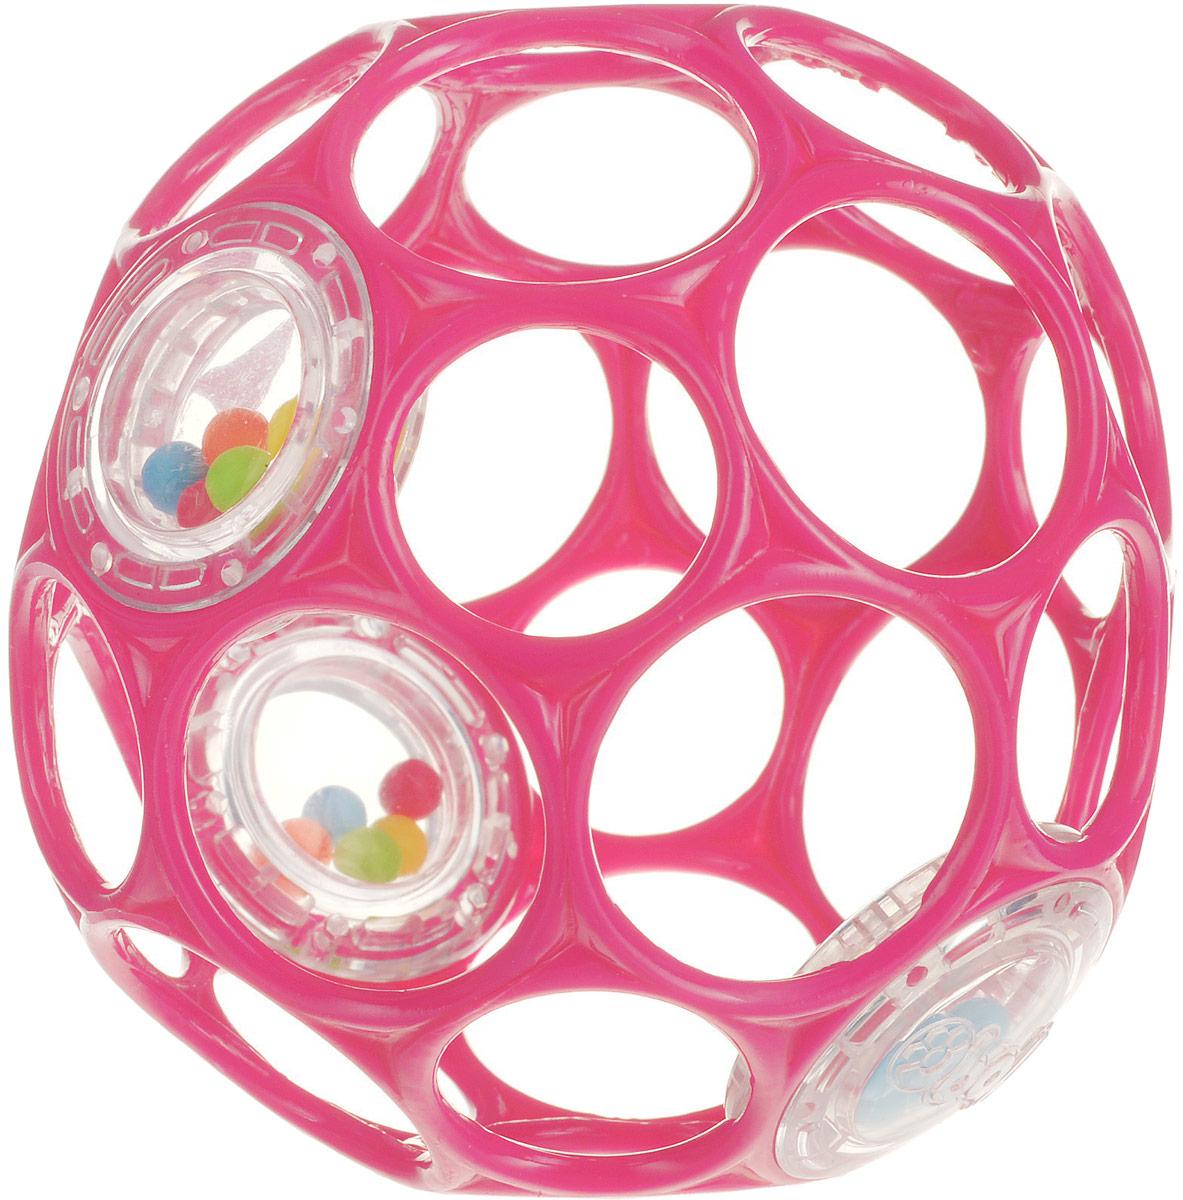 Развивающая игрушка Oball 11483 oball развивающая игрушка twist o round